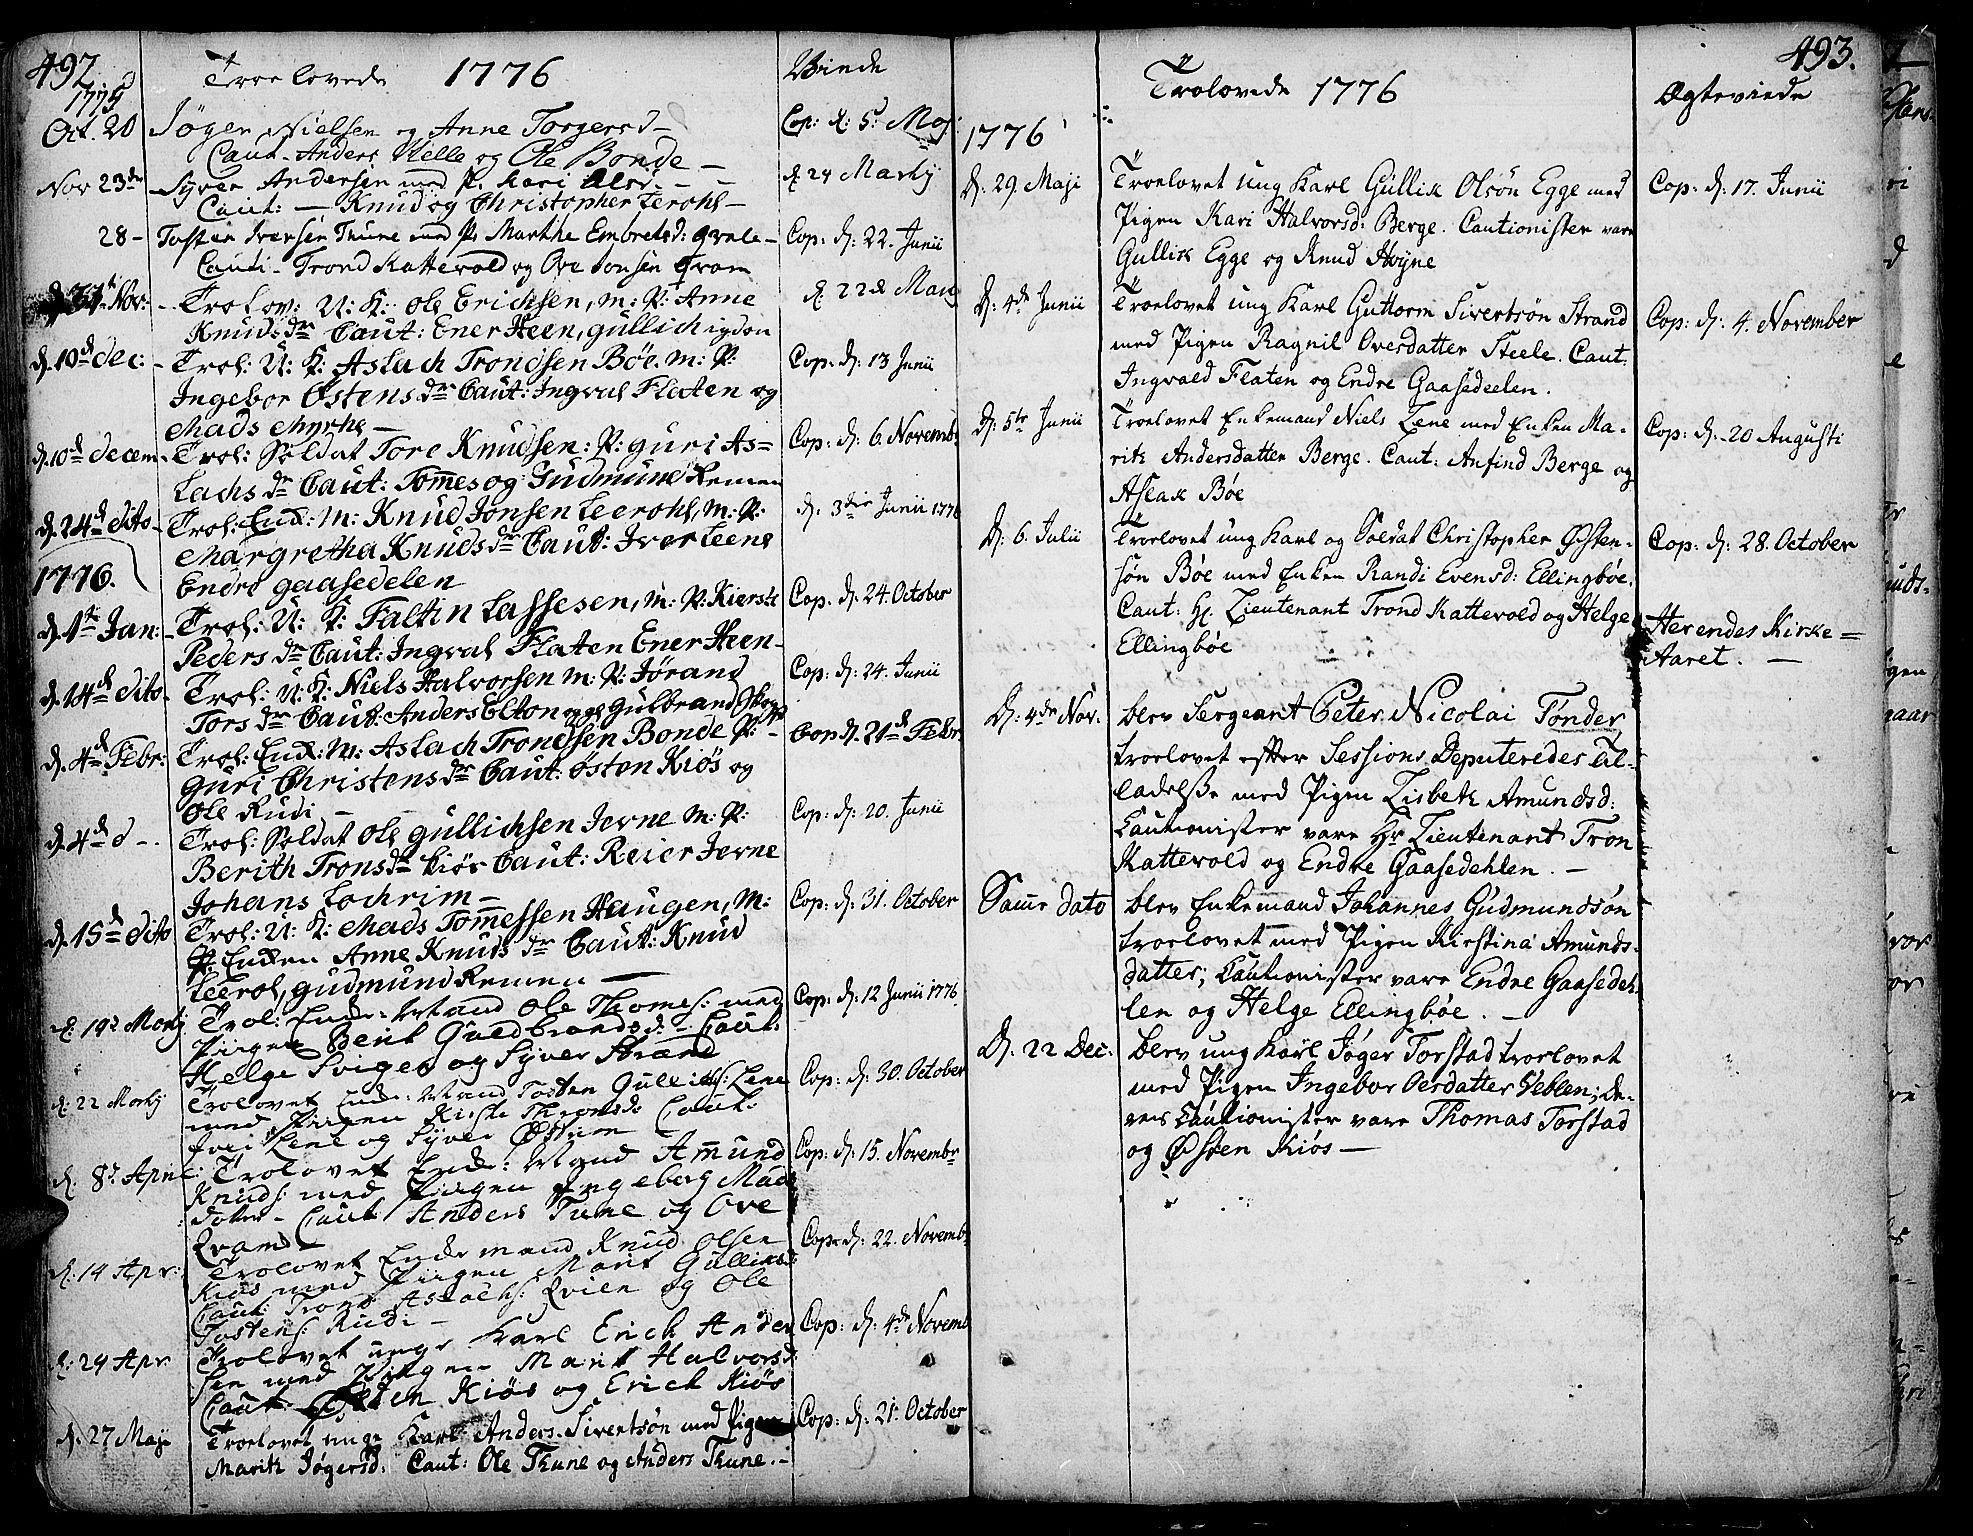 SAH, Vang prestekontor, Valdres, Ministerialbok nr. 1, 1730-1796, s. 492-493